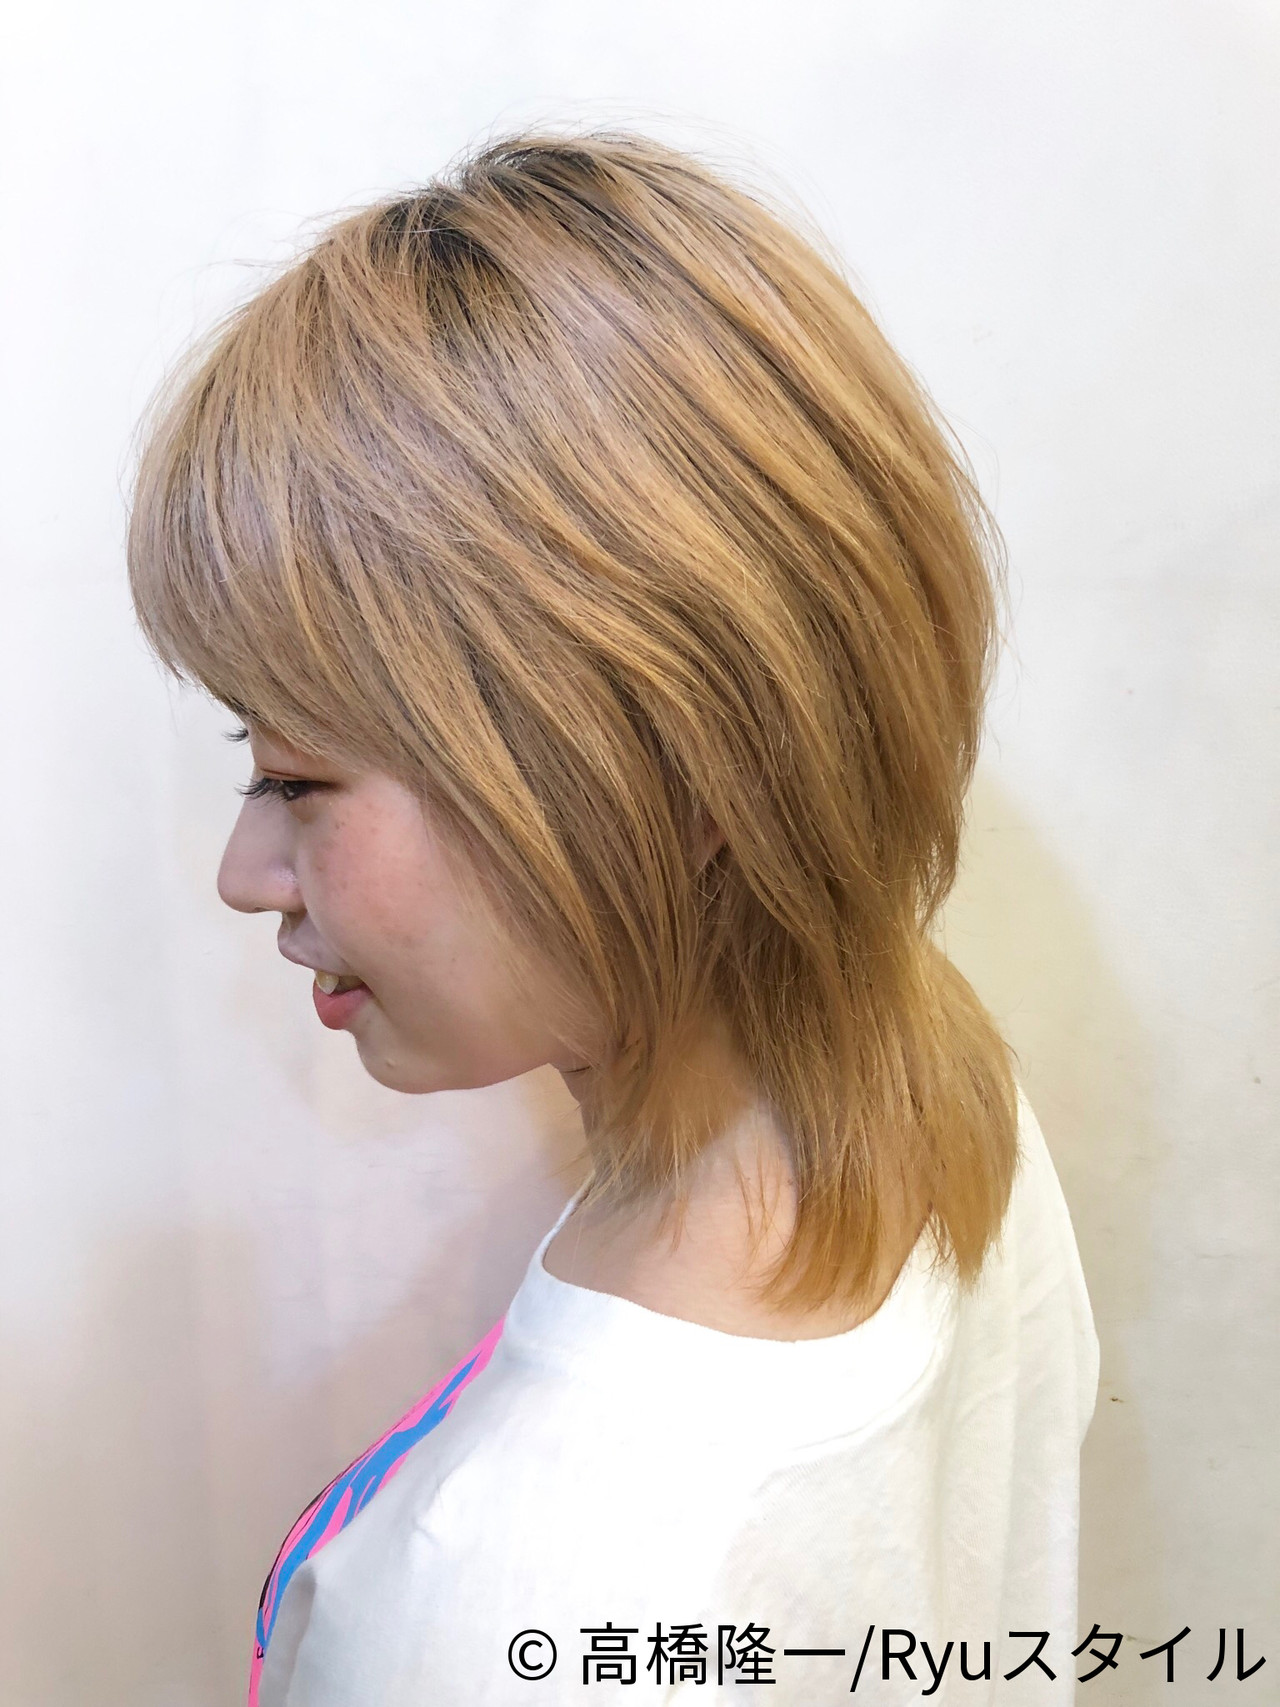 透明感カラー セミロング 外国人風 イルミナカラー ヘアスタイルや髪型の写真・画像